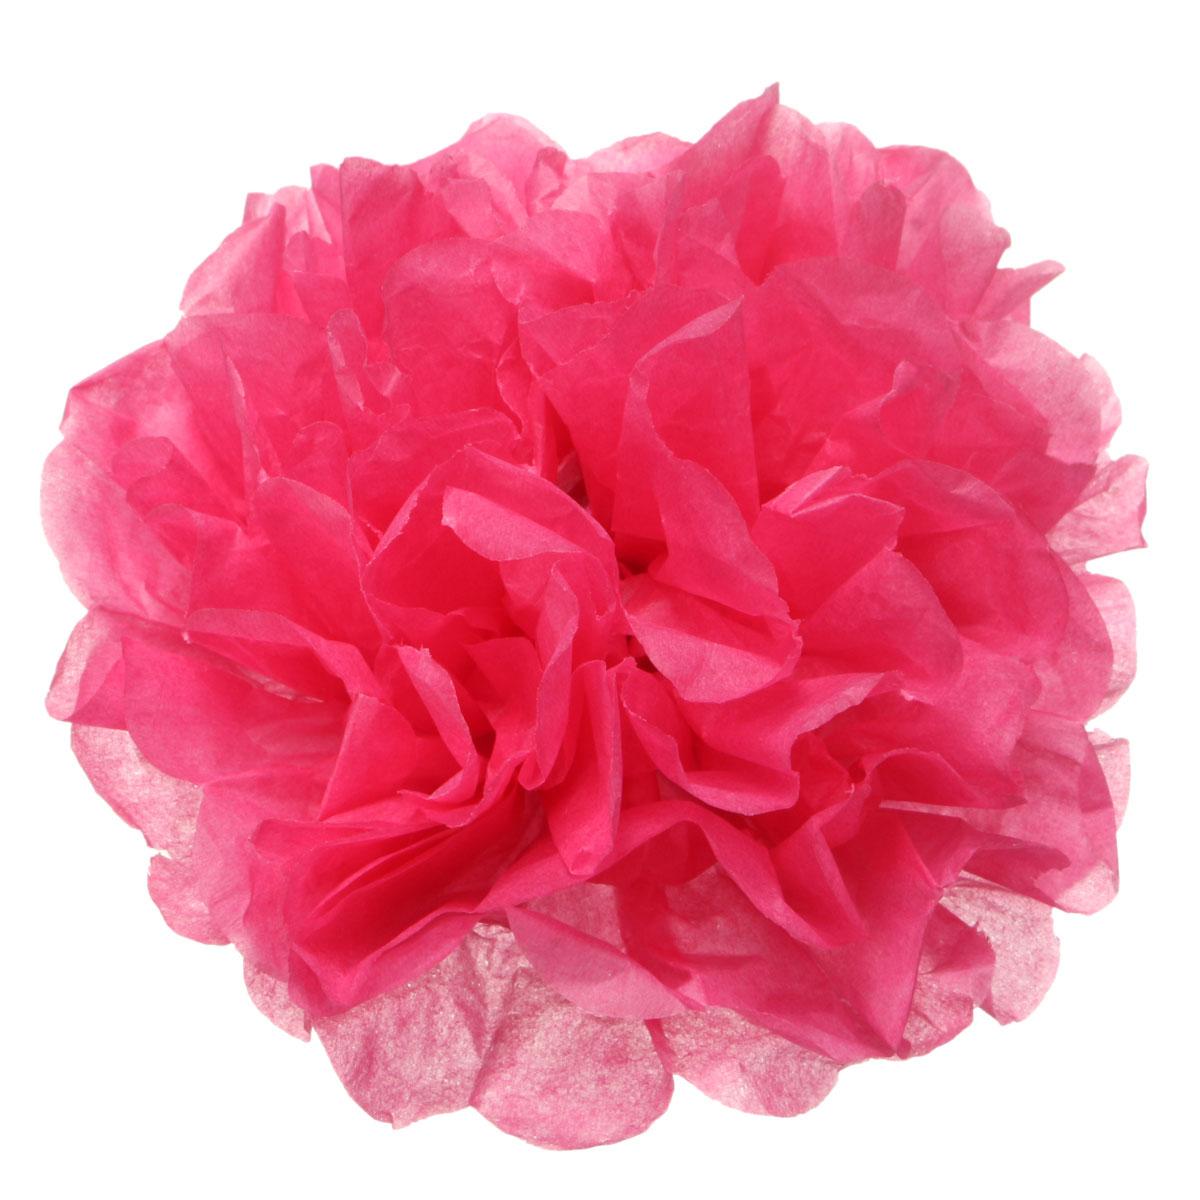 fleur pompon en papier boule suspendre soie d coration mariage f te soir e ebay. Black Bedroom Furniture Sets. Home Design Ideas